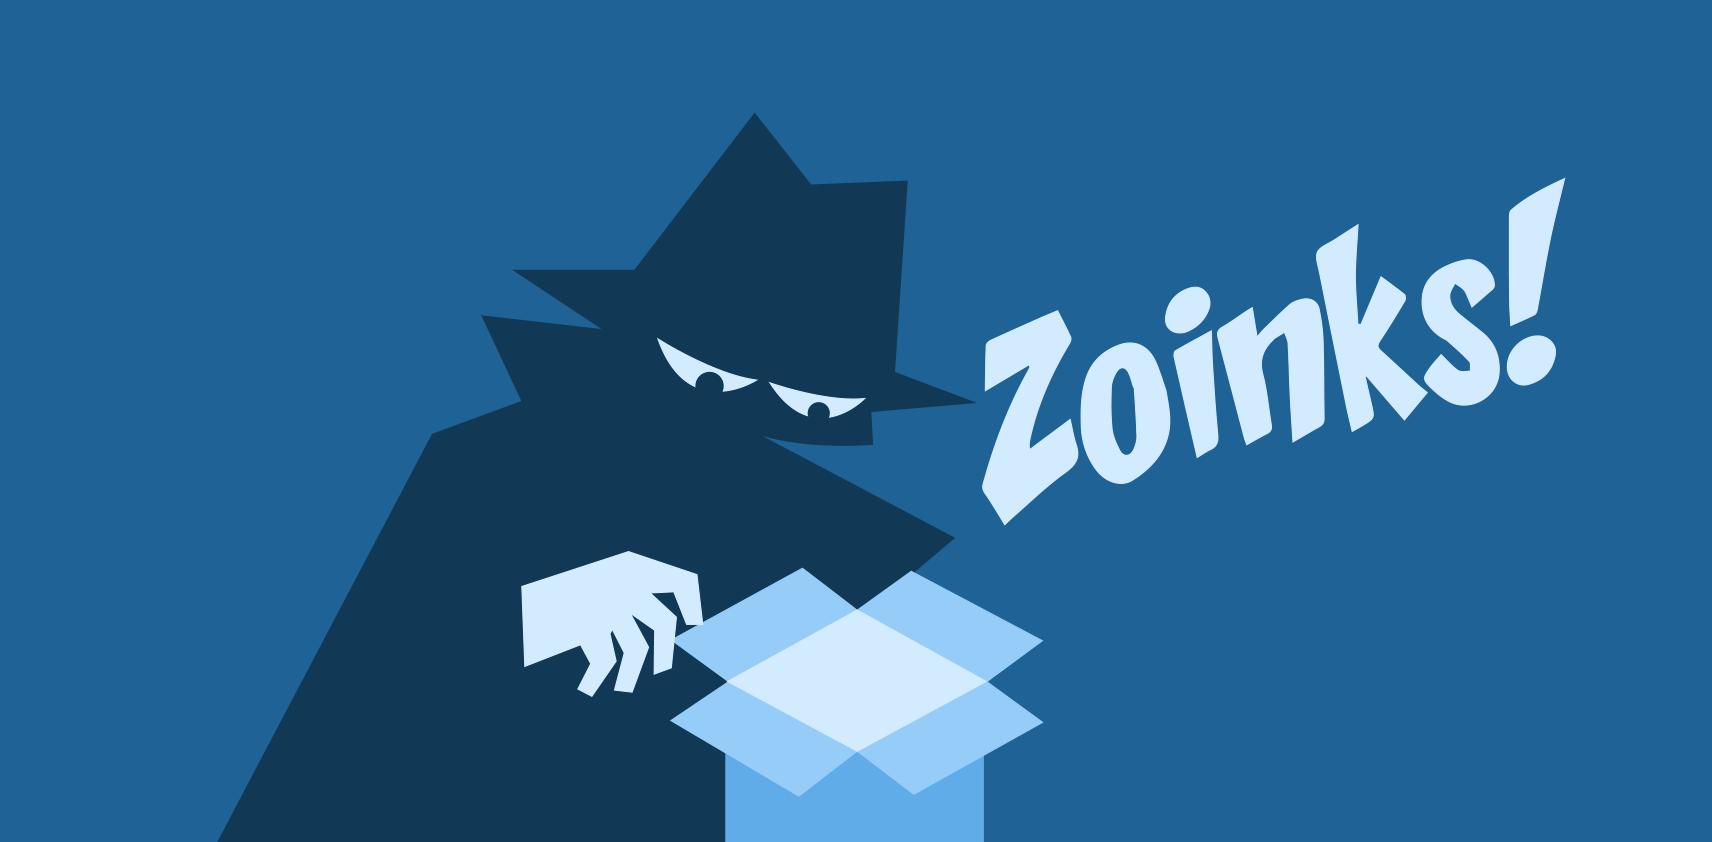 Dropbox conferma il furto di 68 milioni di password. Come mettersi in sicurezza e come controllare se si è stati hackerati